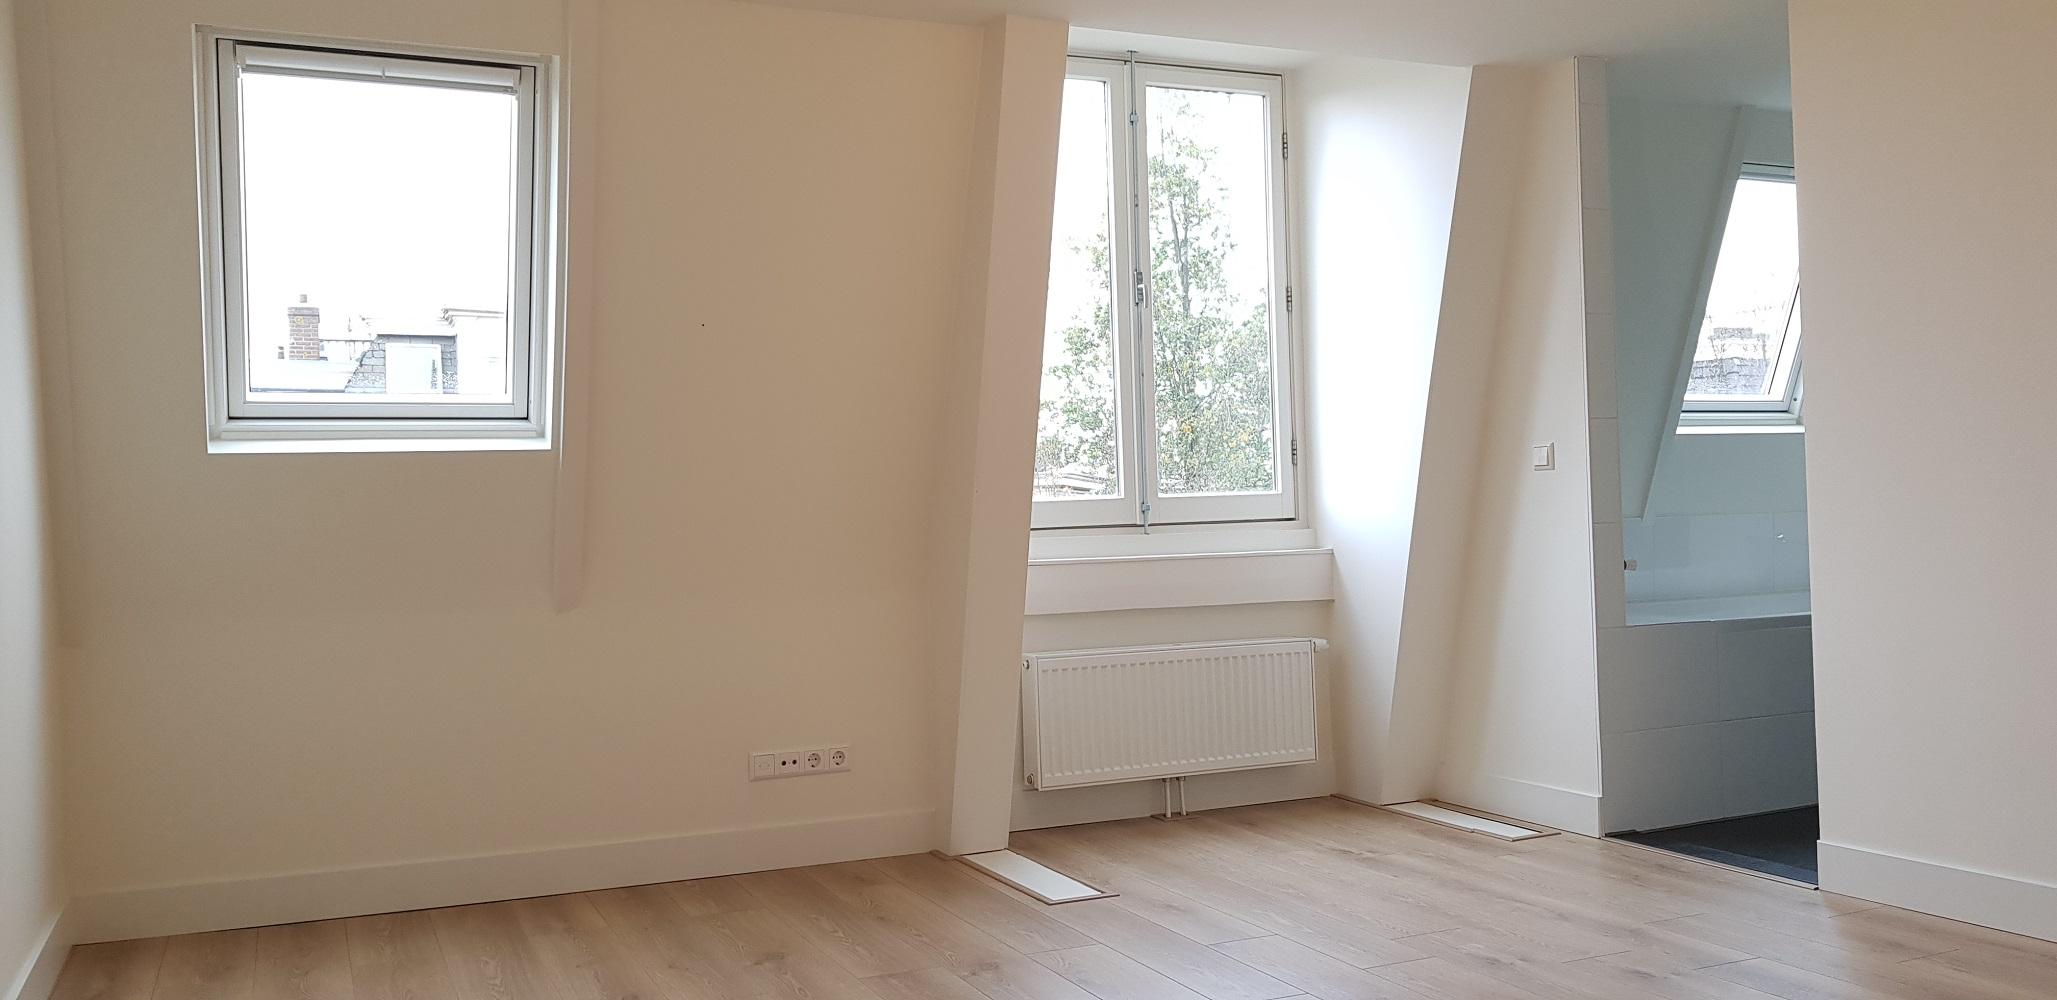 UFA Bouw_Verbouwing_Bosboom Toussaintstraat 31_master bedroom boven